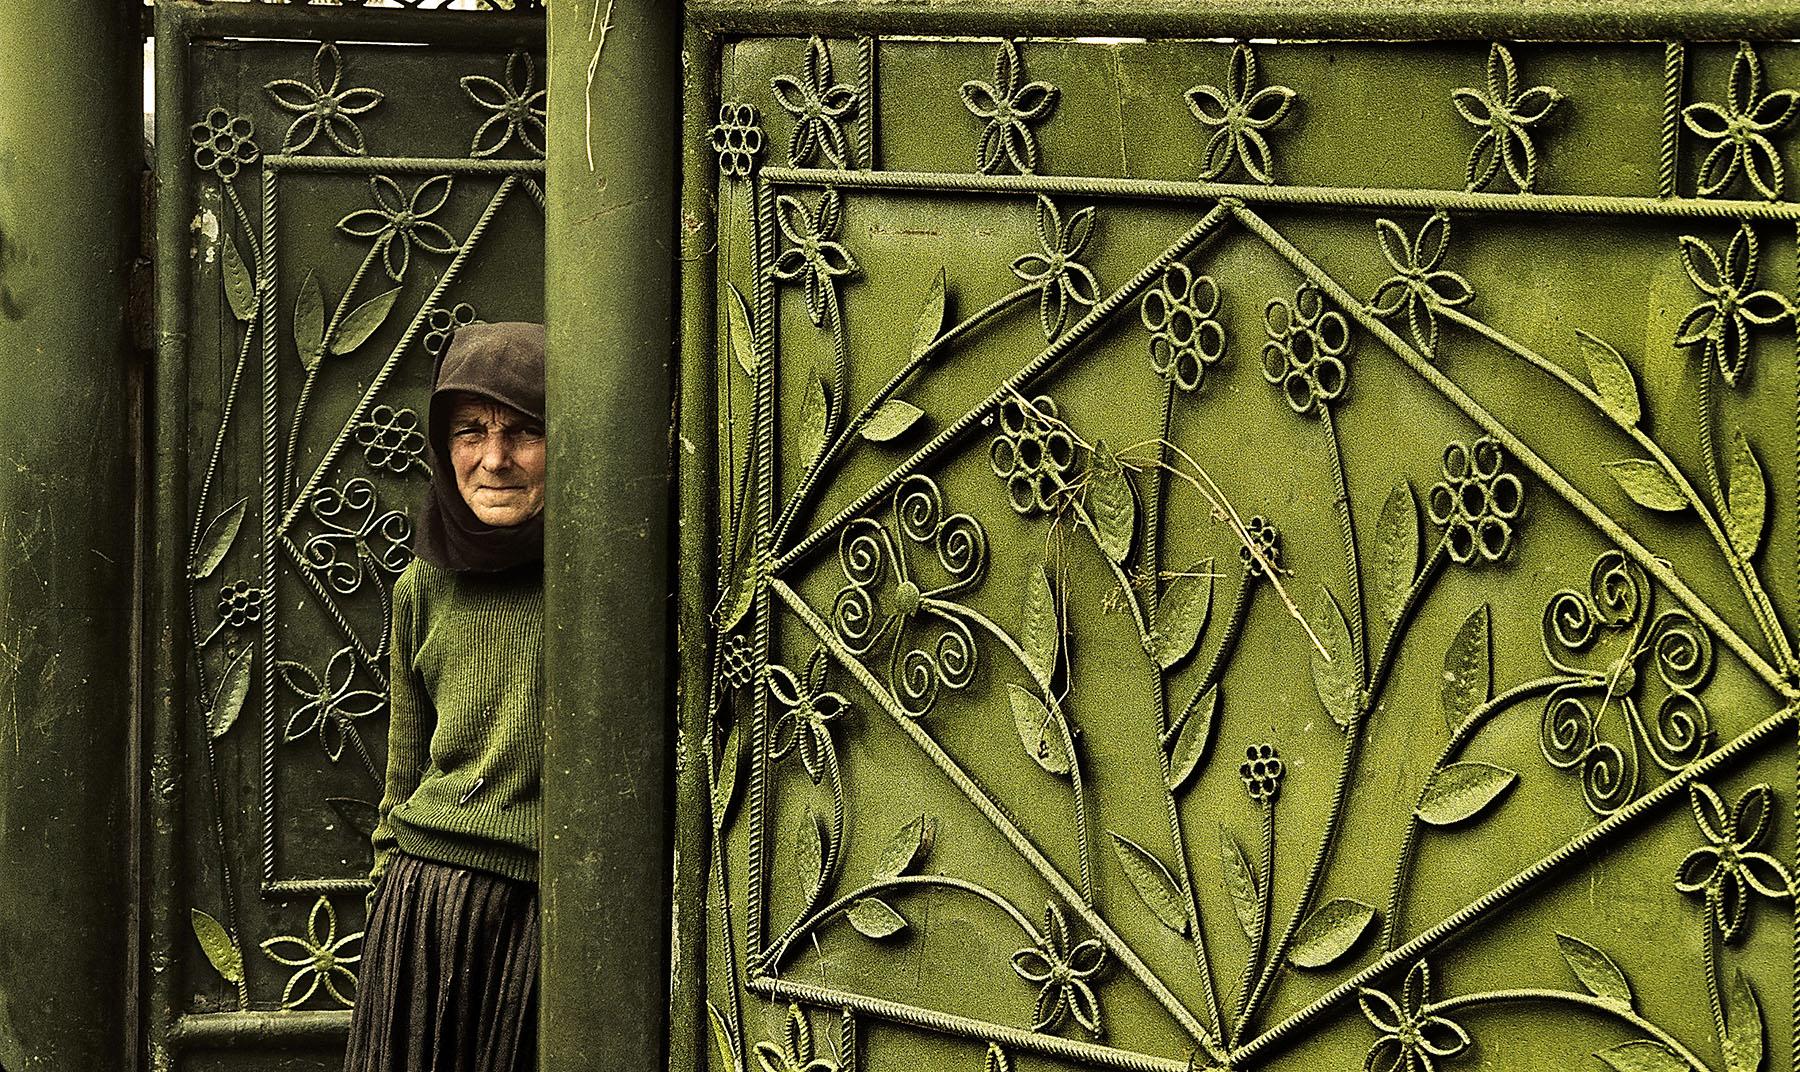 The green gate - Romania